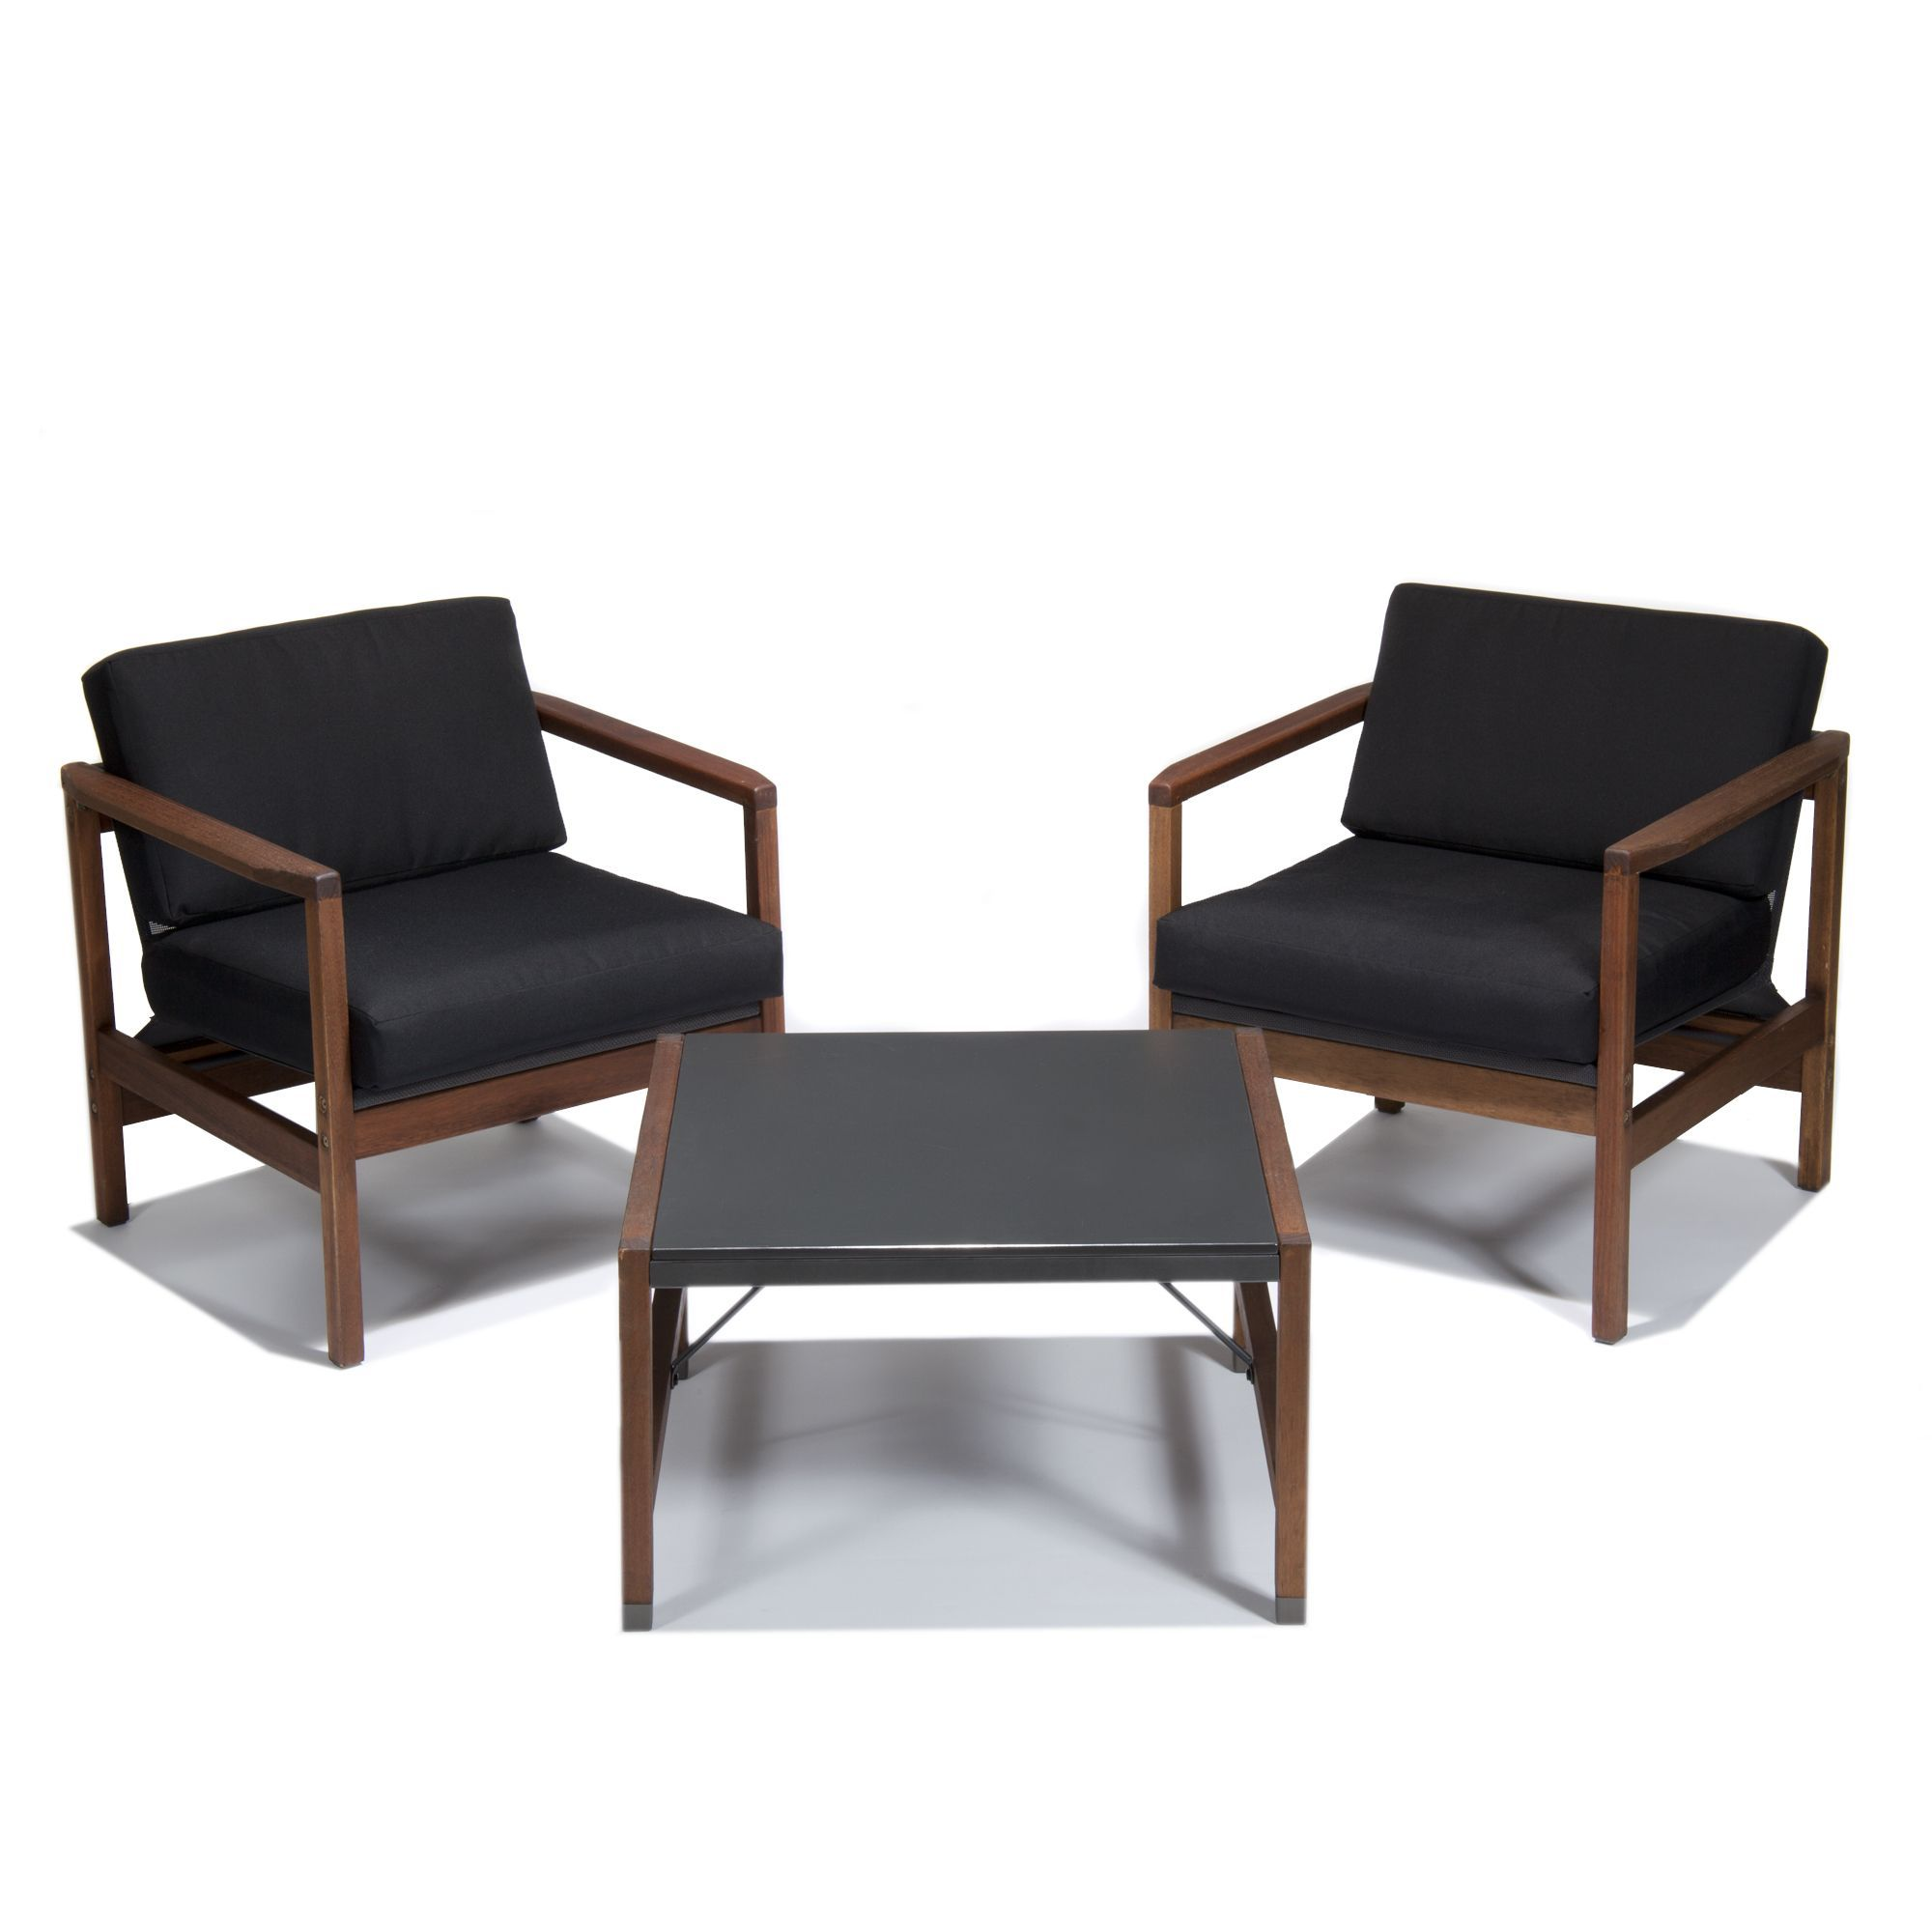 Salon de jardin rétro - Marvin - Les canapés et fauteuils de jardin - Meubles de jardin - Tous les meubles - Décoration d'intérieur - Alinéa